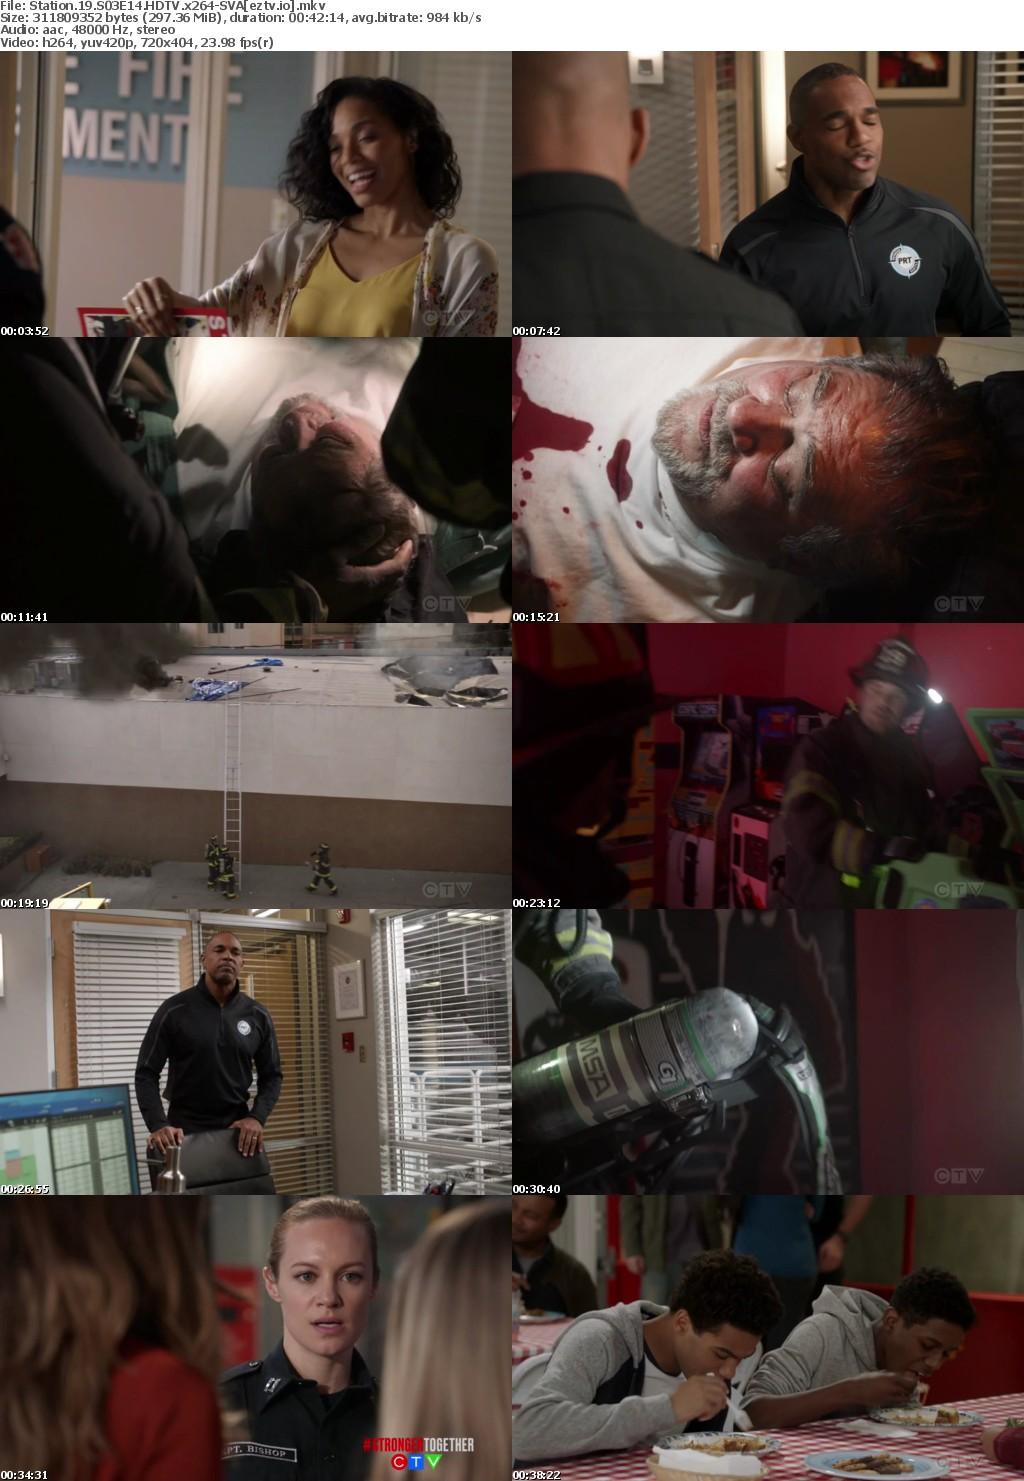 Station 19 S03E14 HDTV x264-SVA